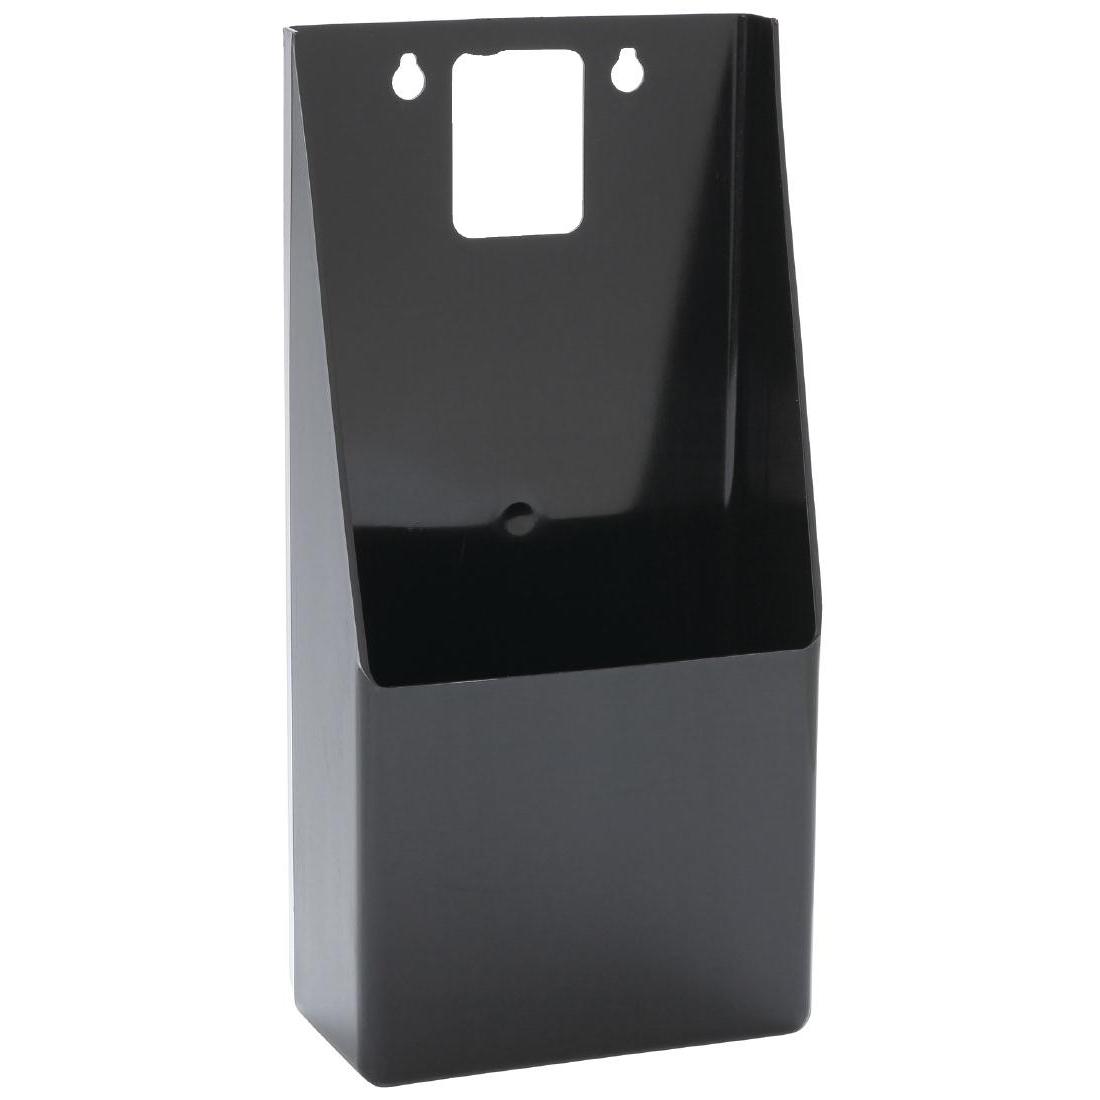 Boîte de récupération de capsules